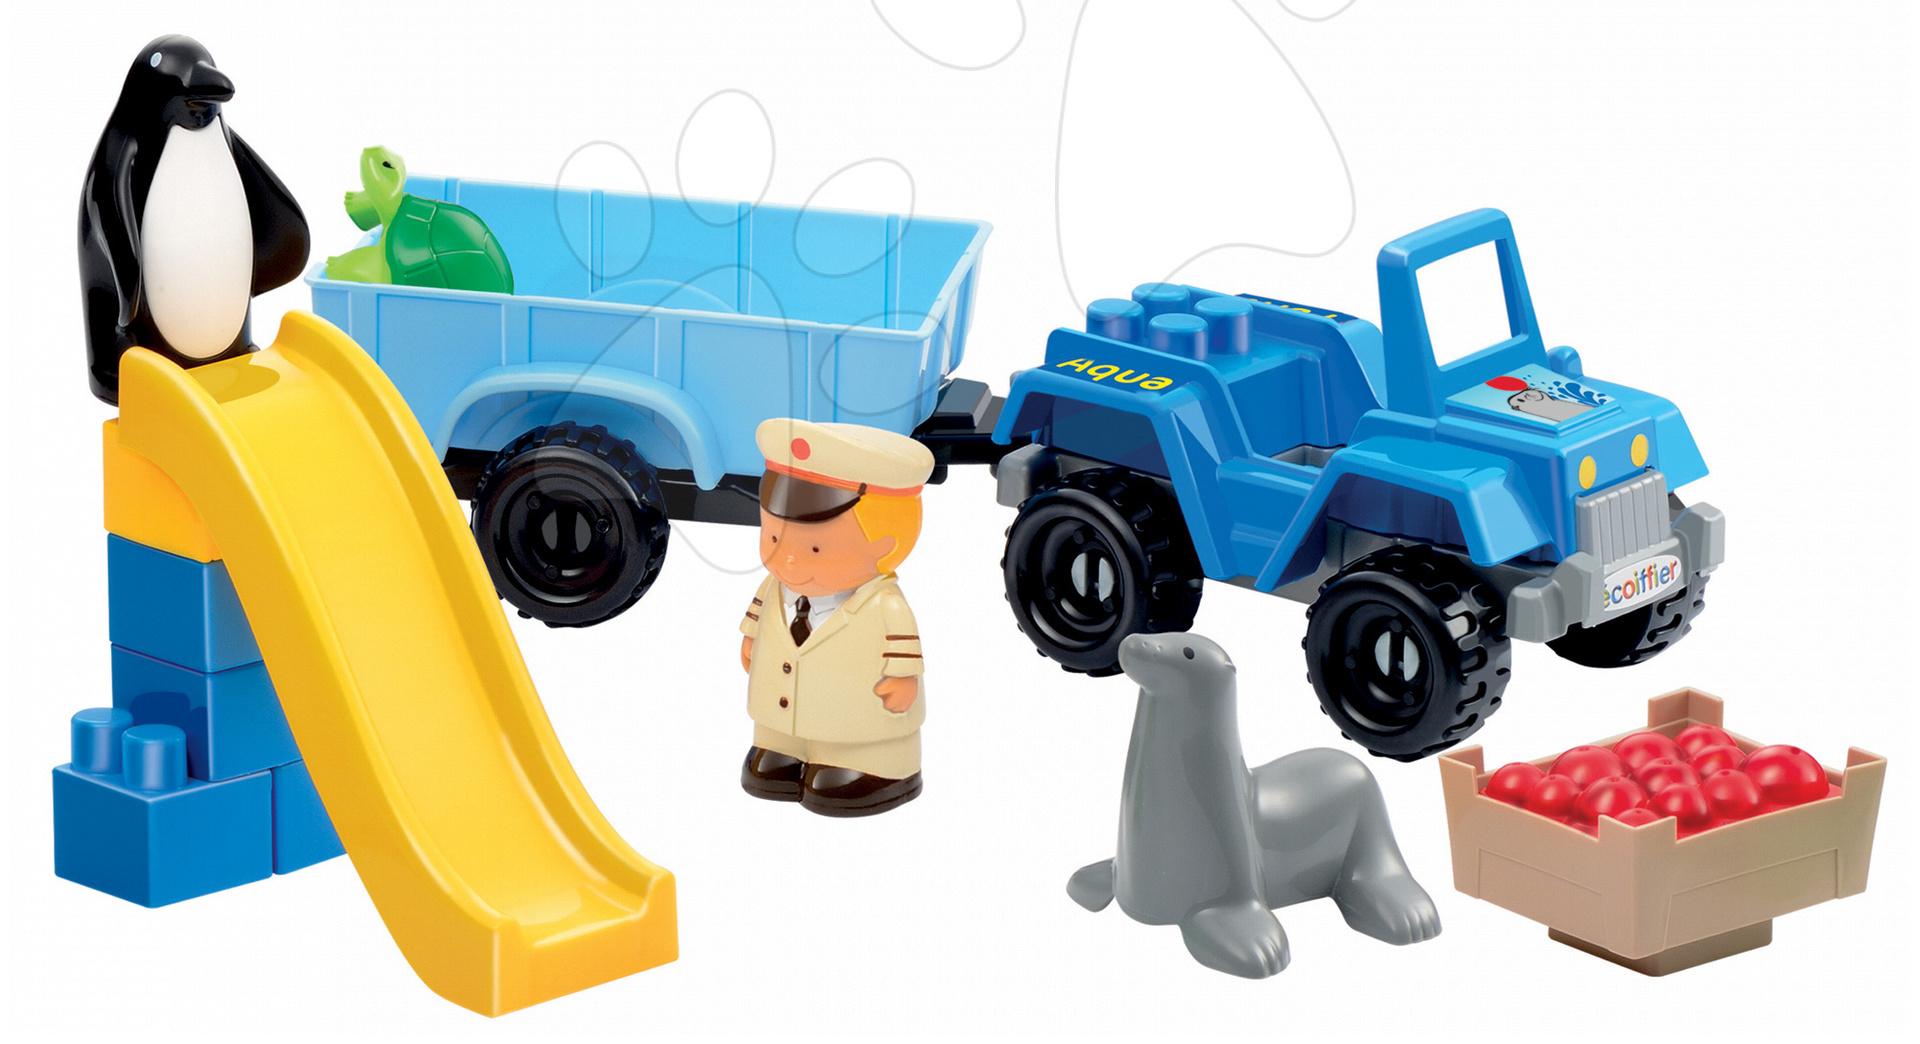 Stavebnice Abrick - aquapark s autem a skluzavkou Écoiffier s 2 figurkami 23 dílů od 18 měsíců